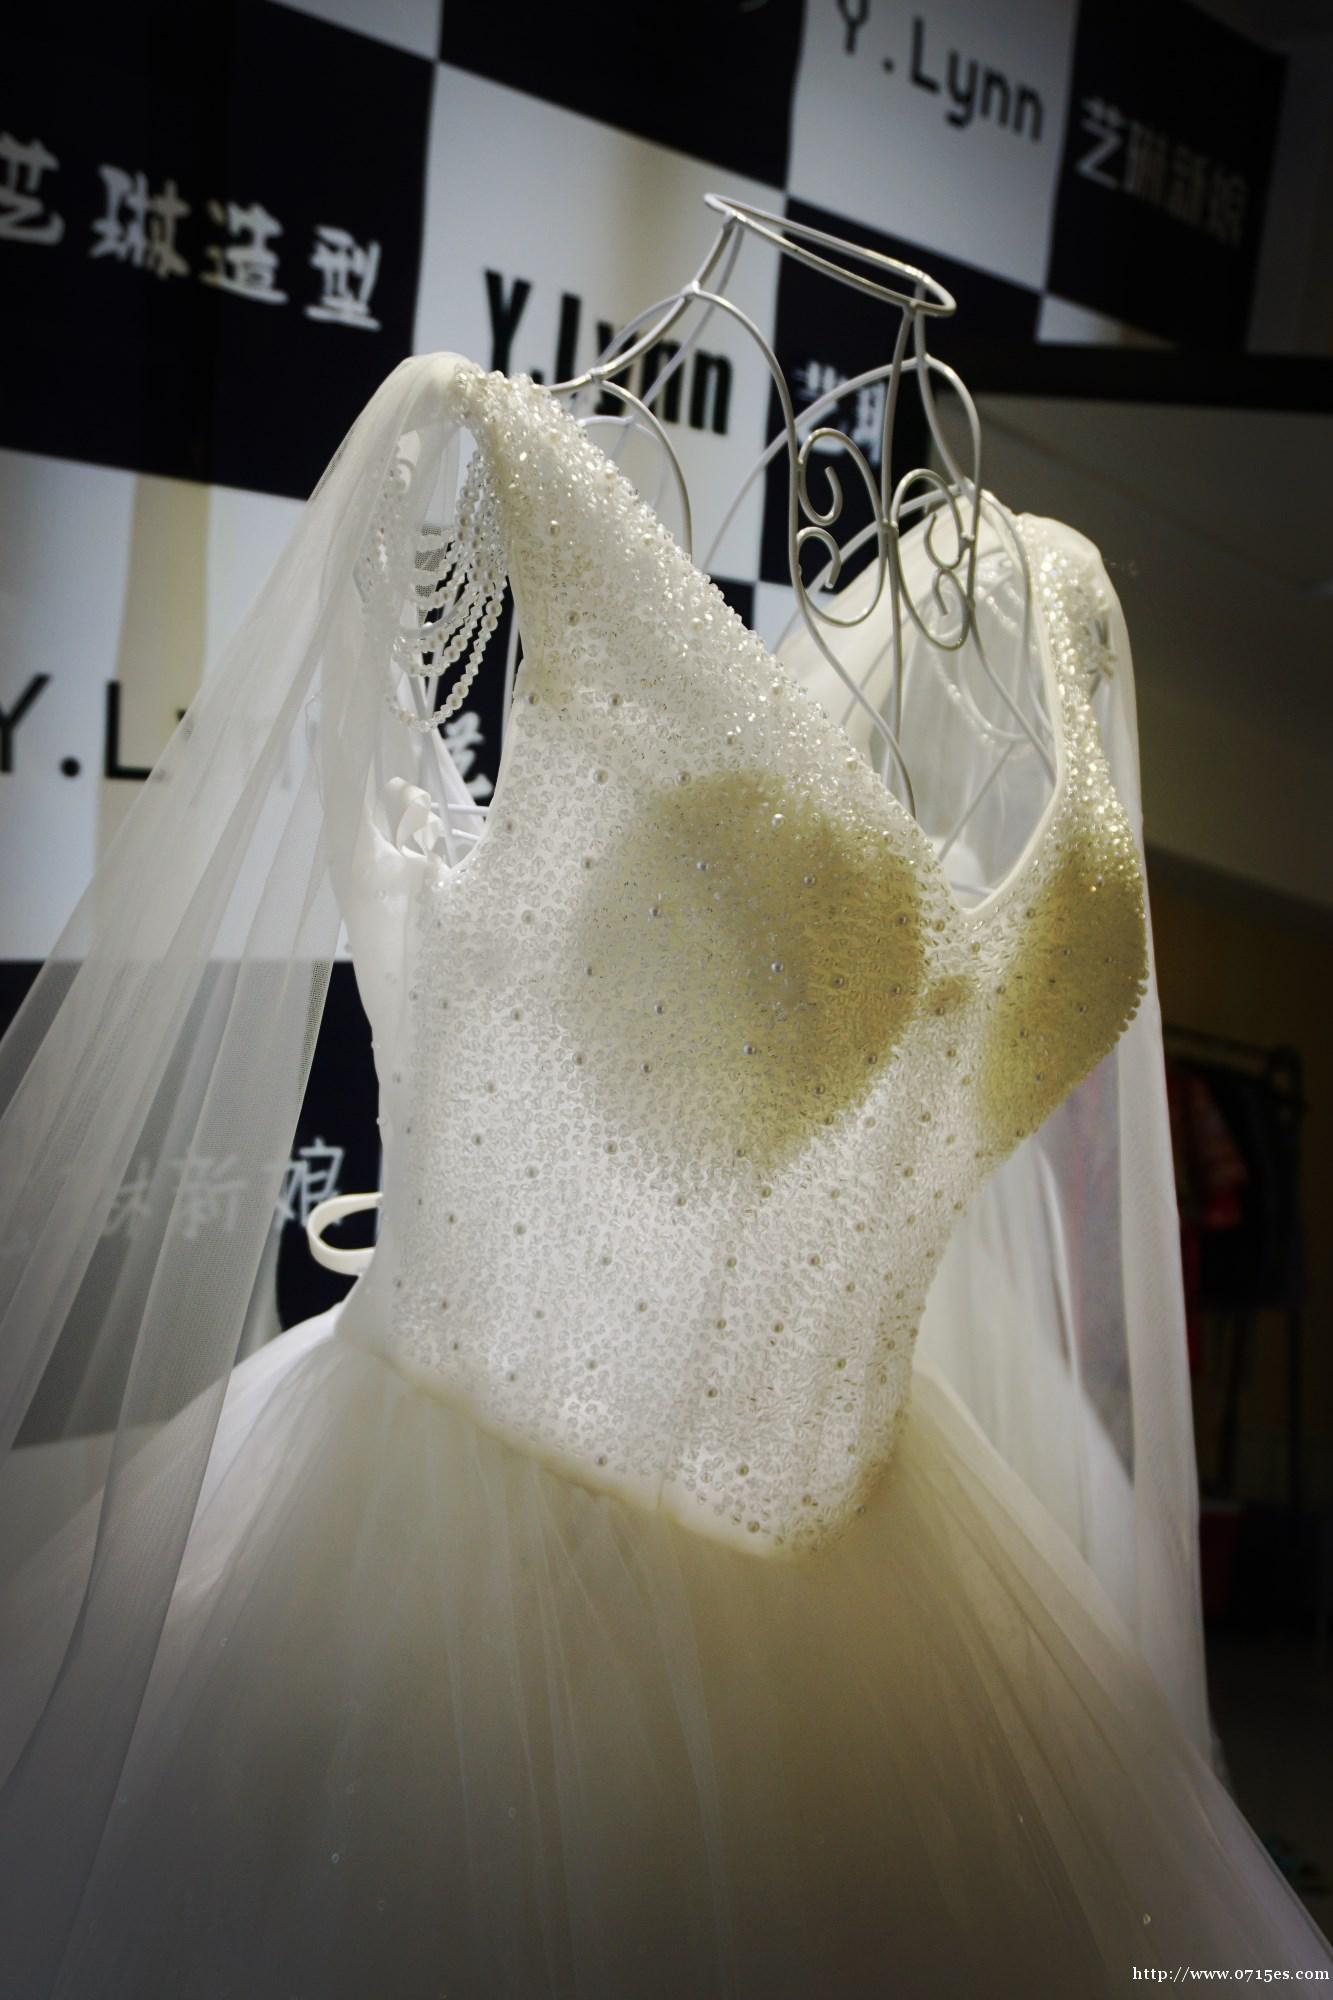 沈阳艺琳新娘,主营婚纱礼服出租,新娘跟妆舞台妆生活妆